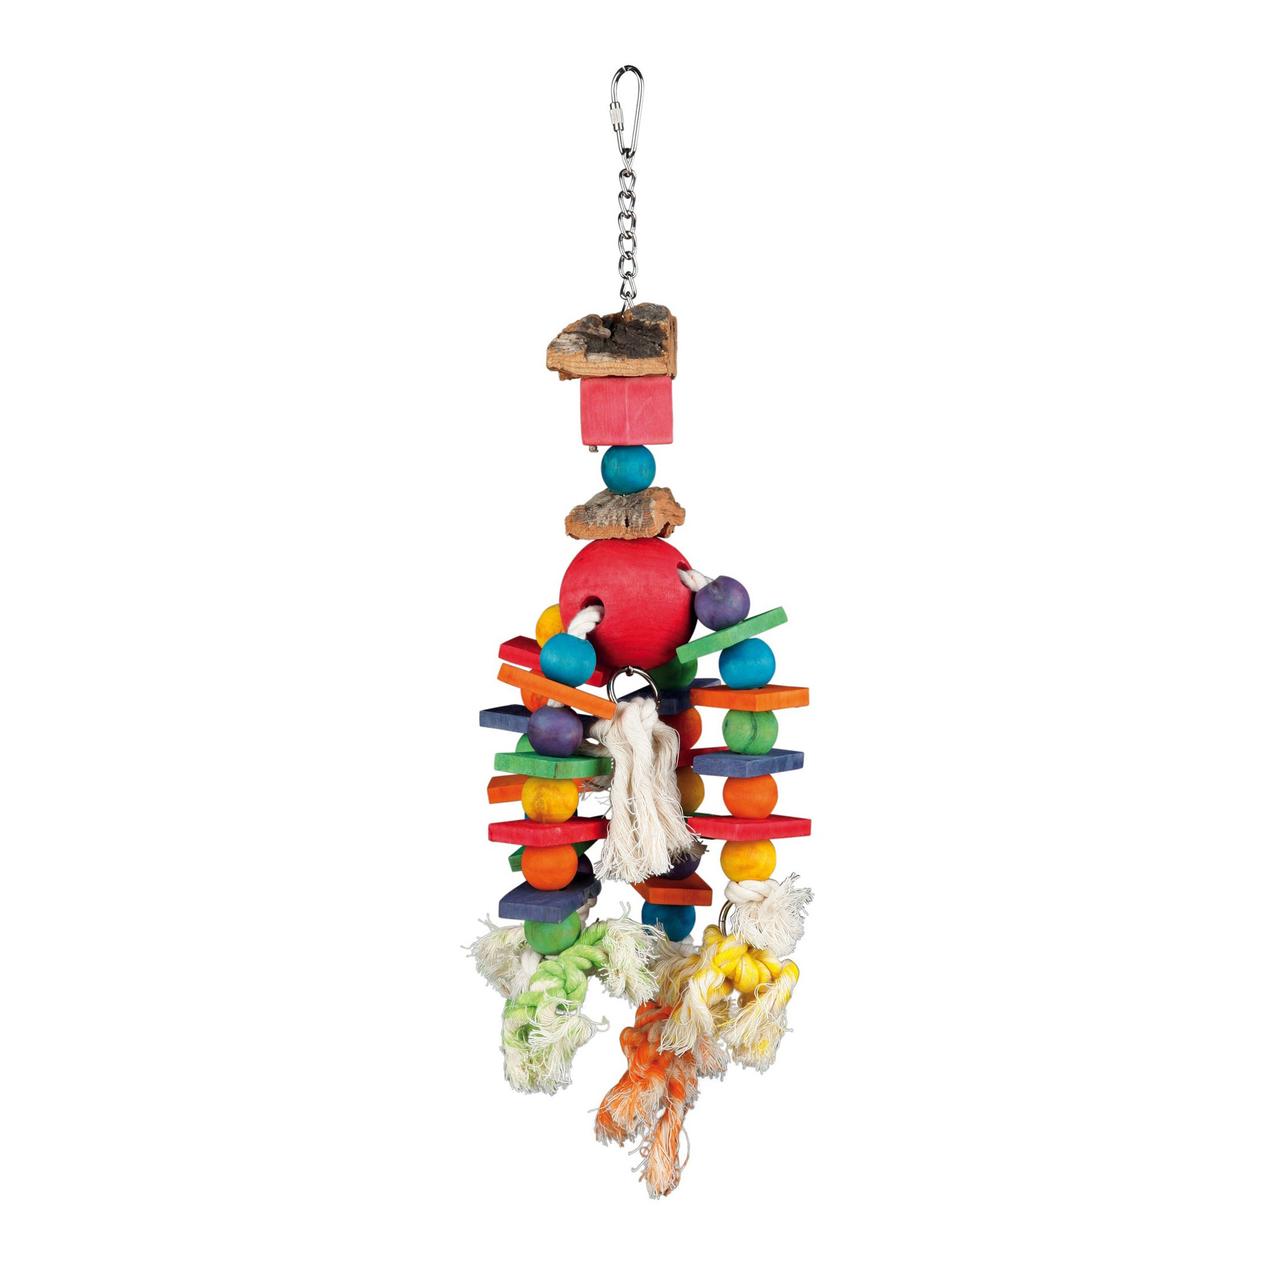 Игрушка для птиц Trixie подвесная 35 см (натуральные материалы)